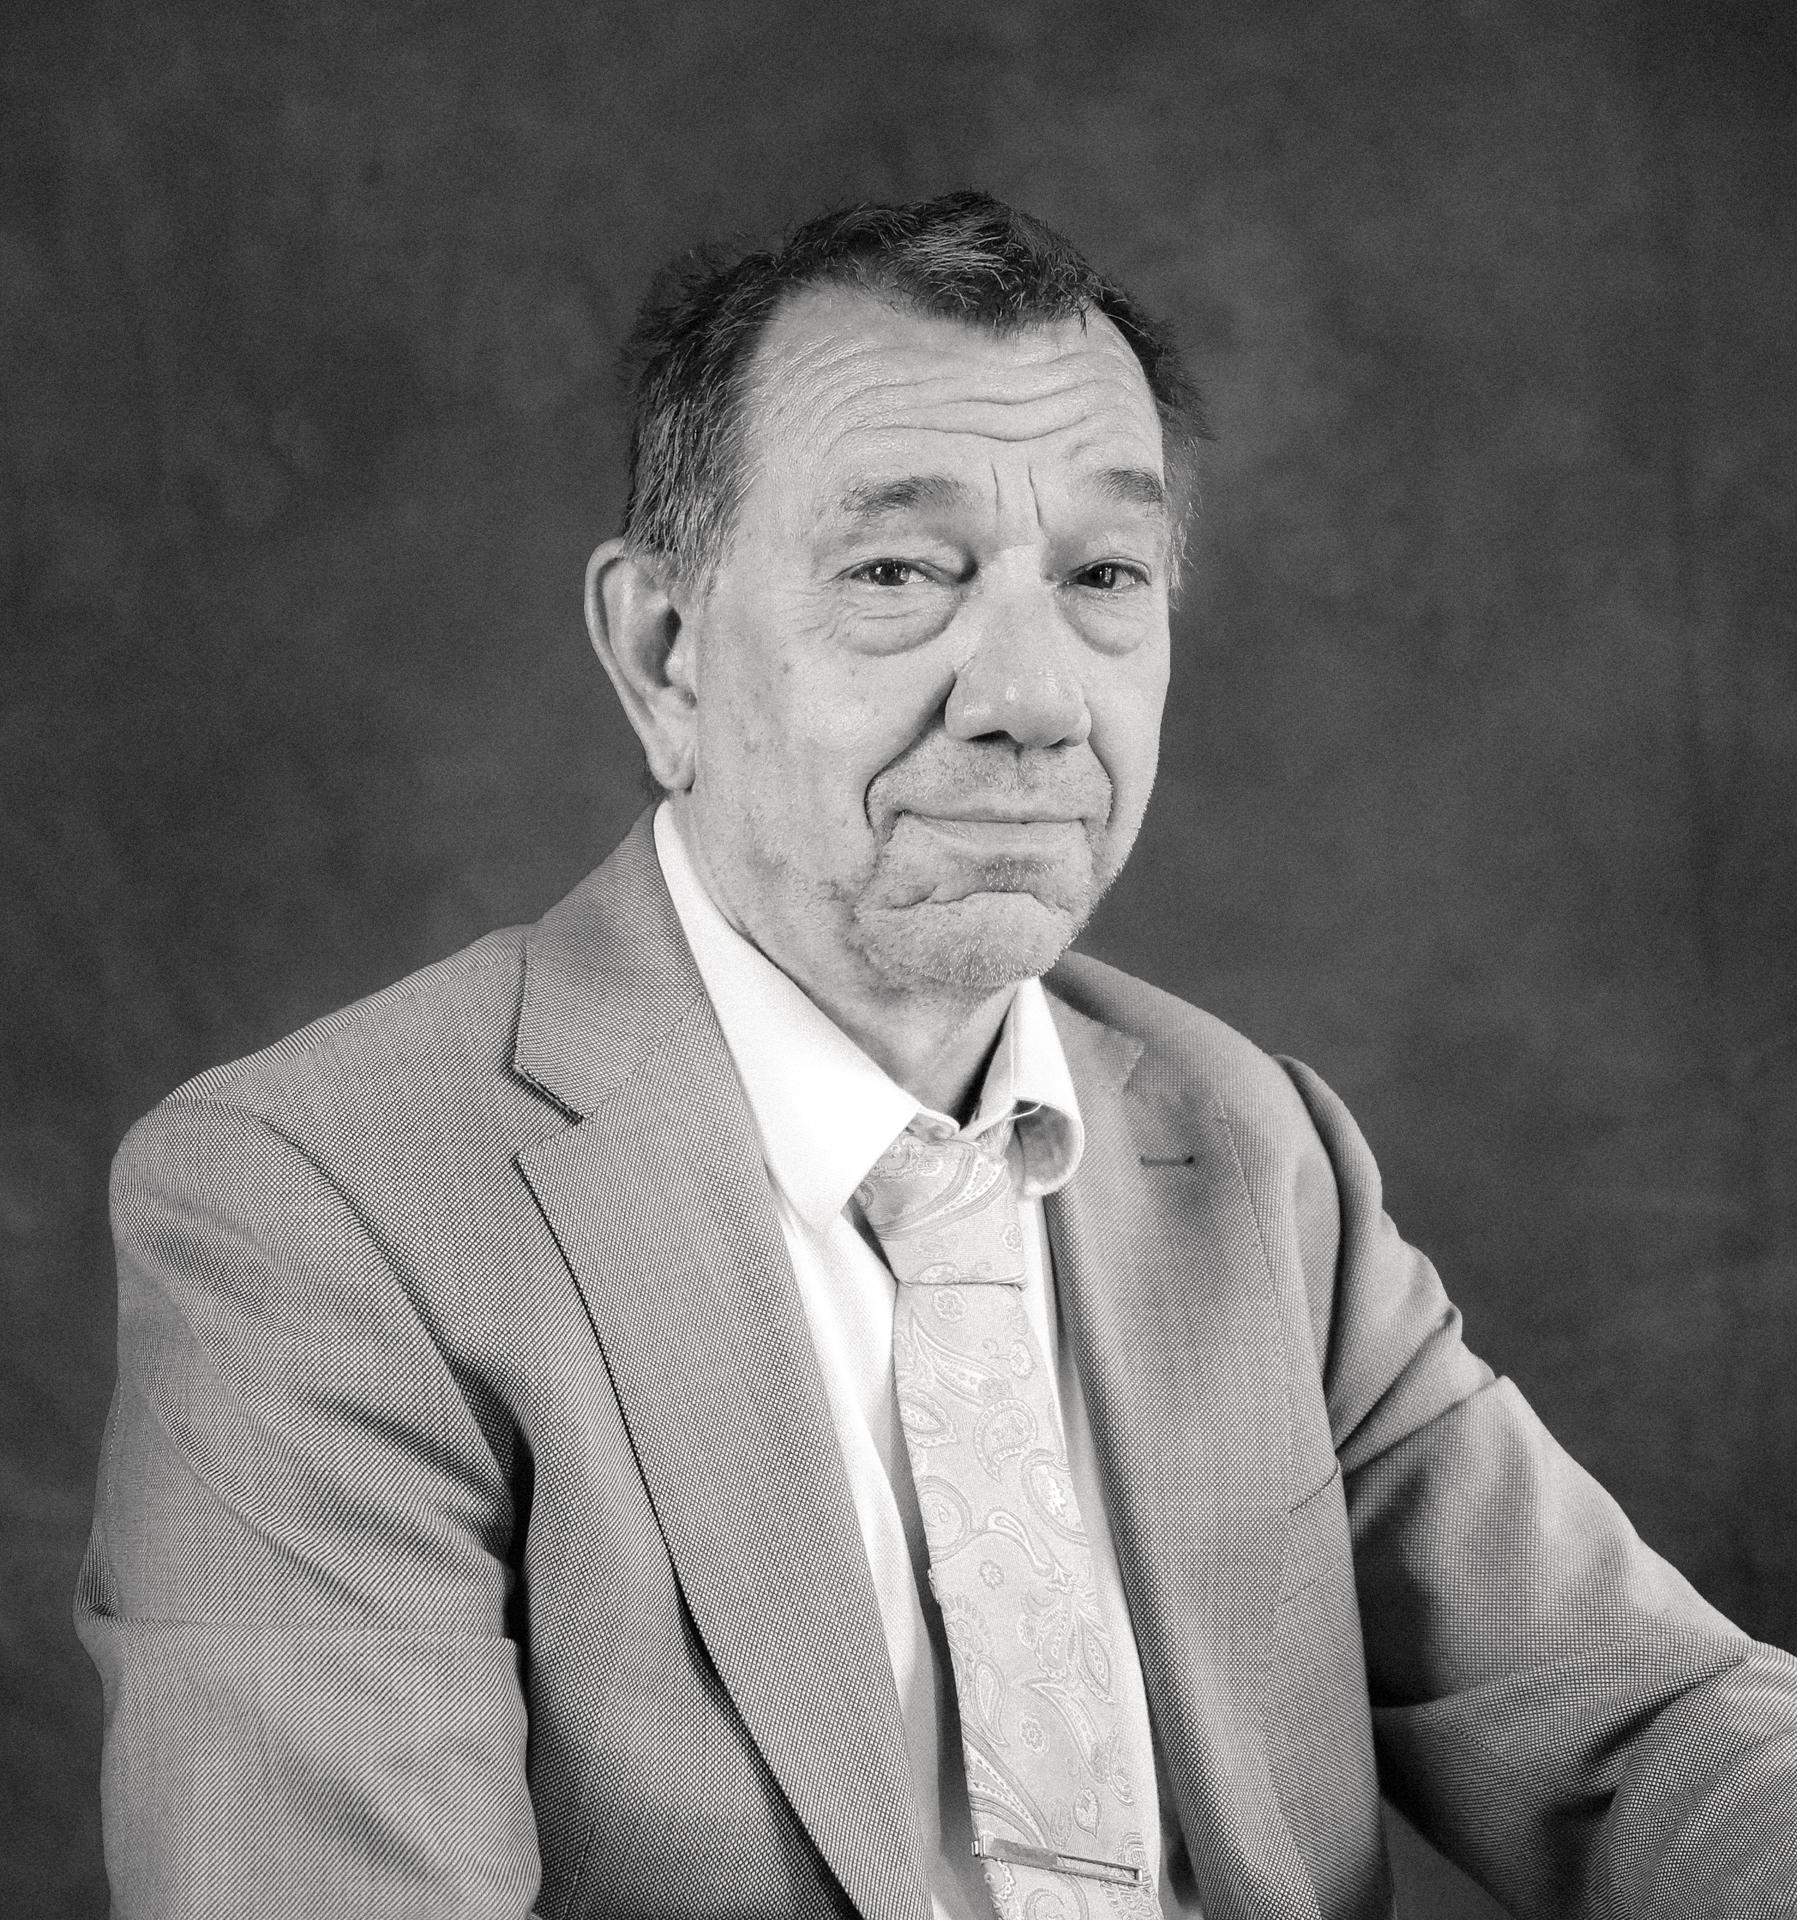 Henk Wevers